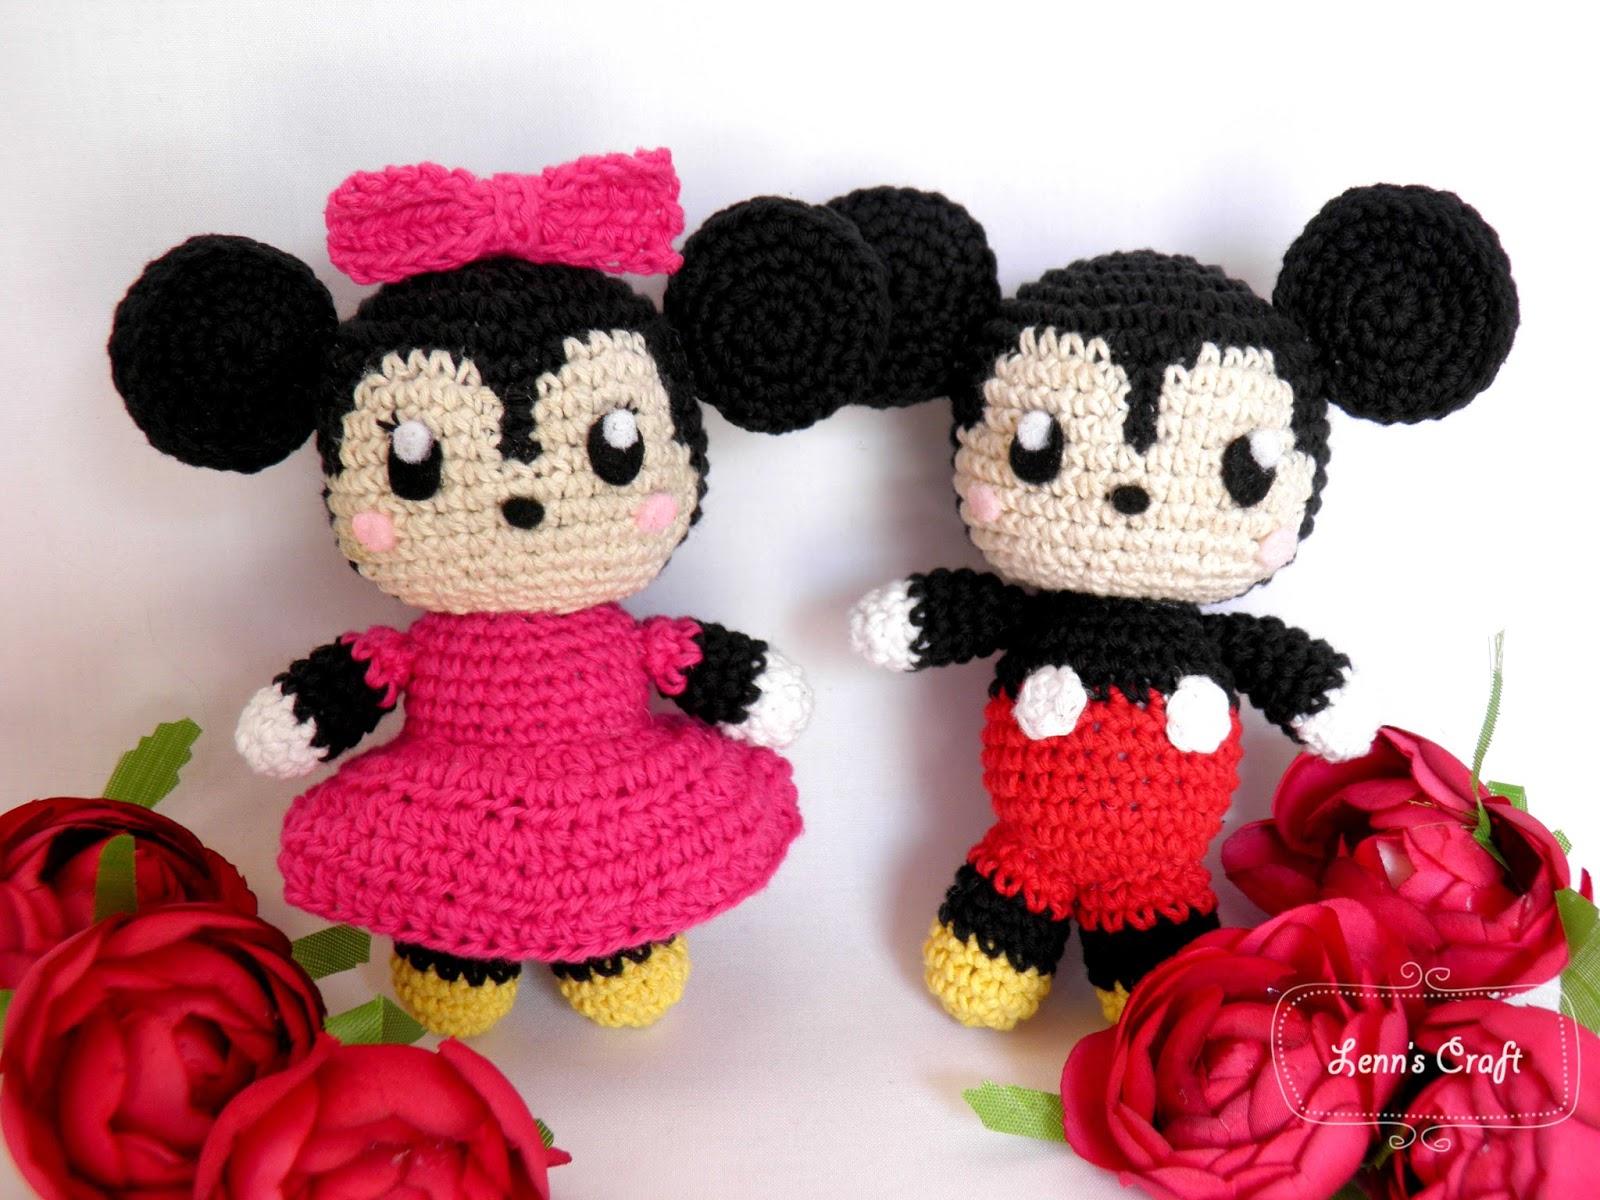 YOYO mini dolls crochet amigurumi (english subtitles) 2/2 - YouTube   1200x1600